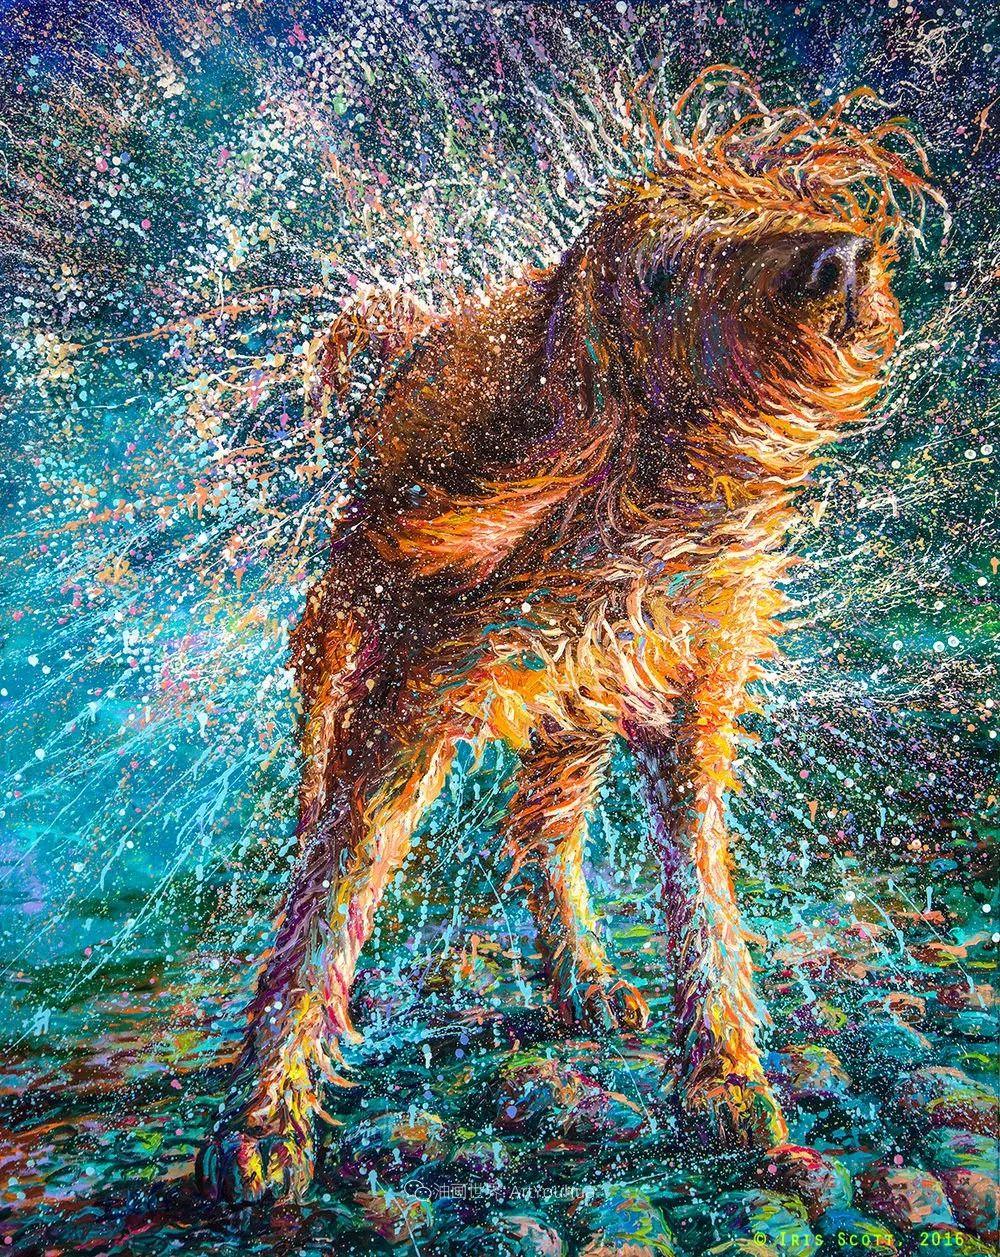 用颜料触摸这个世界!美国画家Iris Scott画选(中)——动植物篇插图83